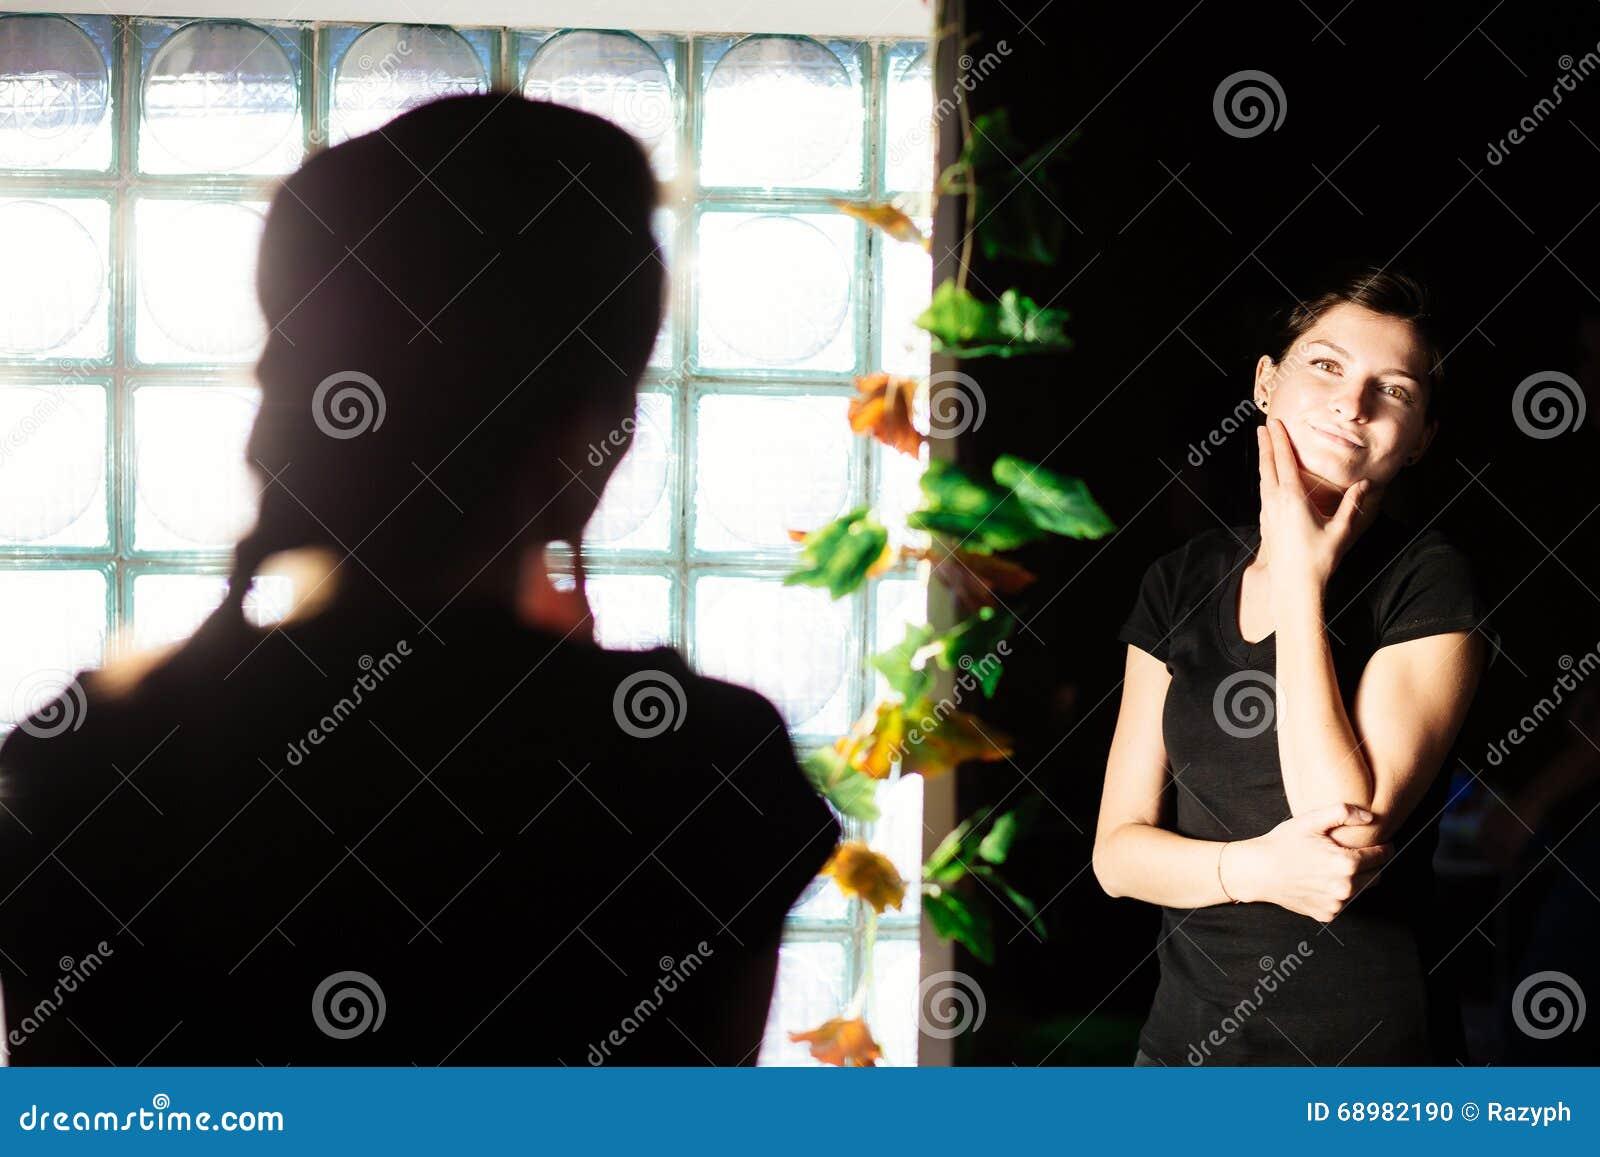 Admiración en el espejo